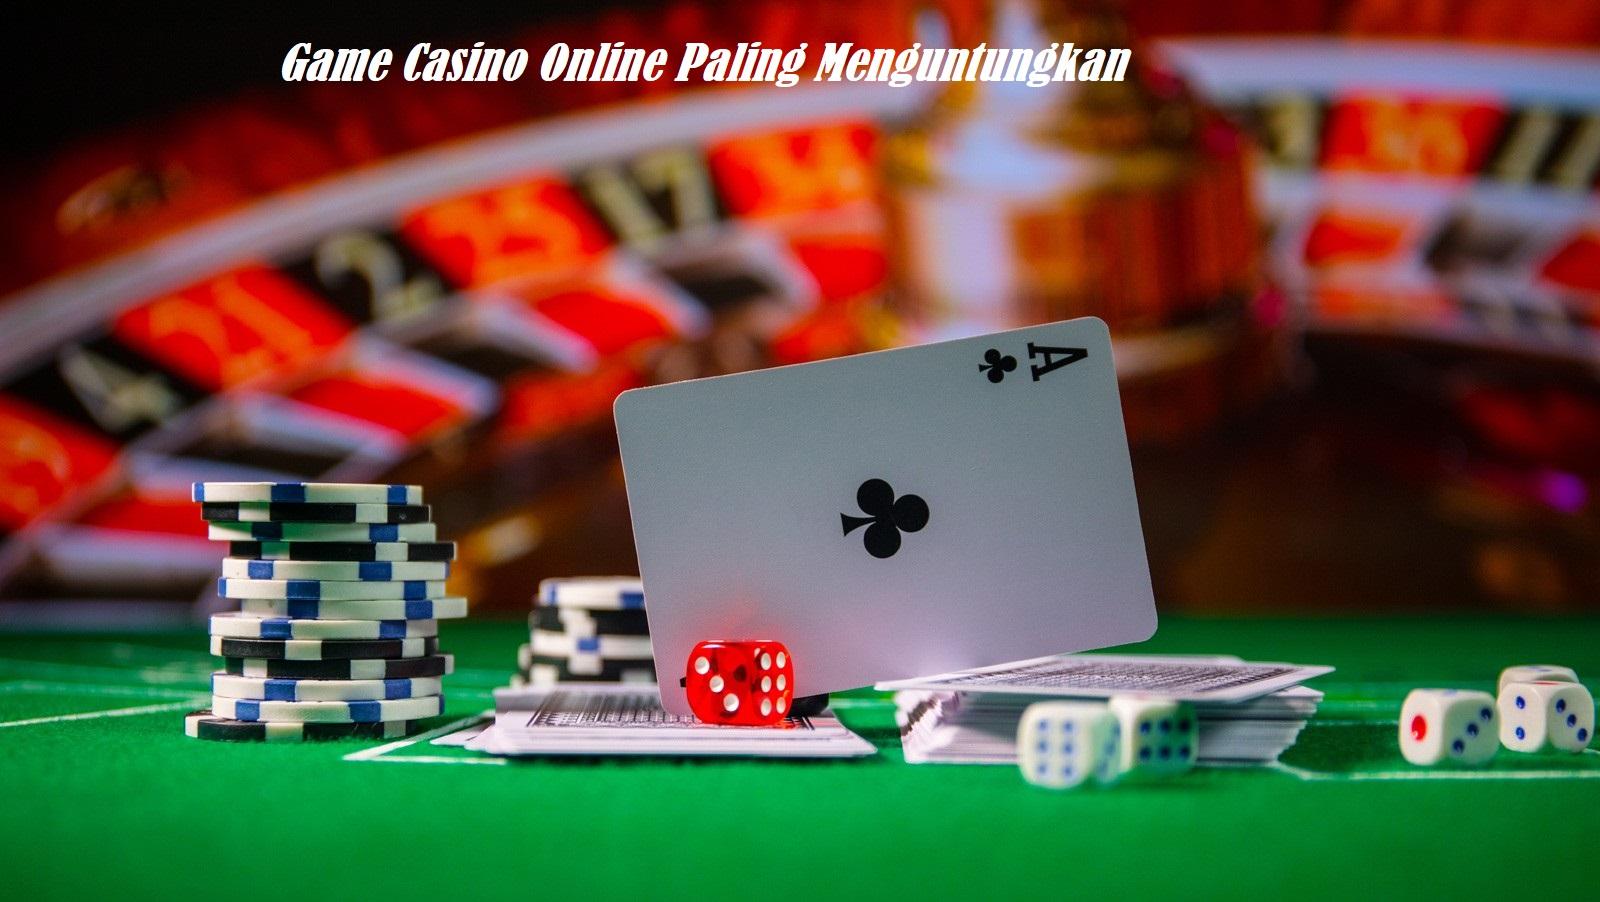 Game Casino Online Paling Menguntungkan